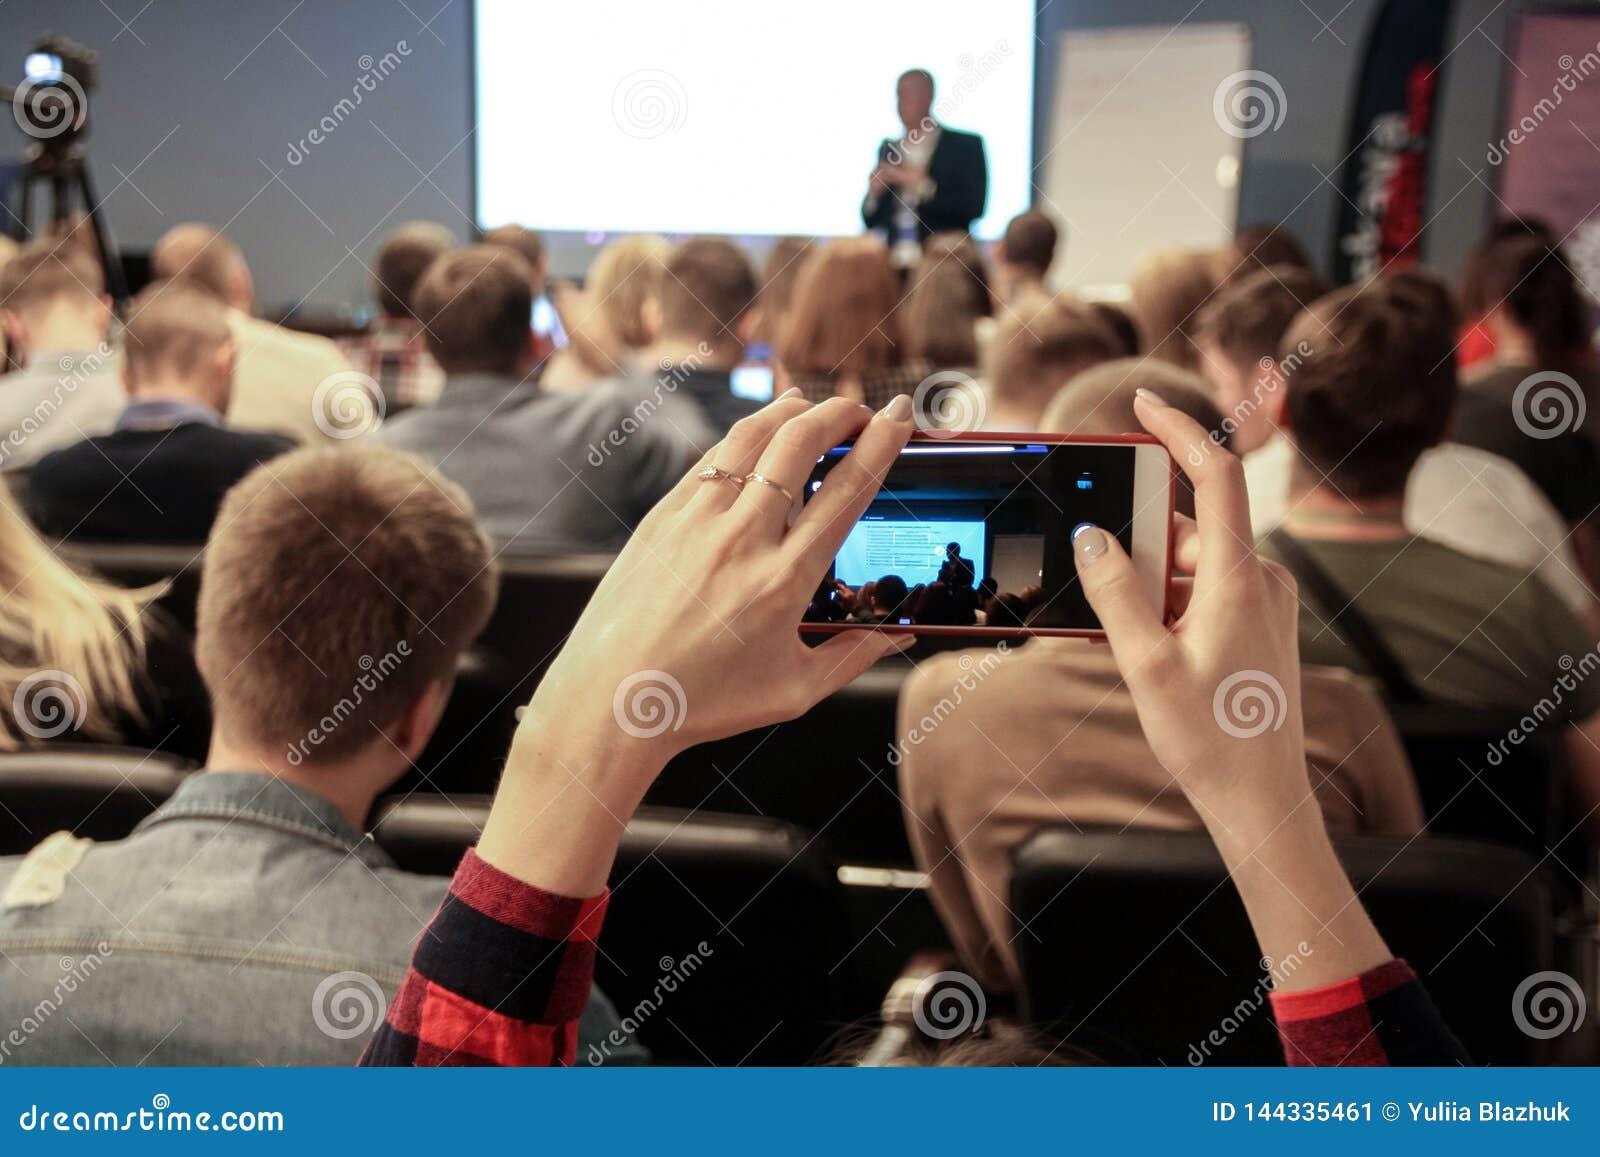 Kvinnan tar en bild under konferensen genom att använda smartphonen